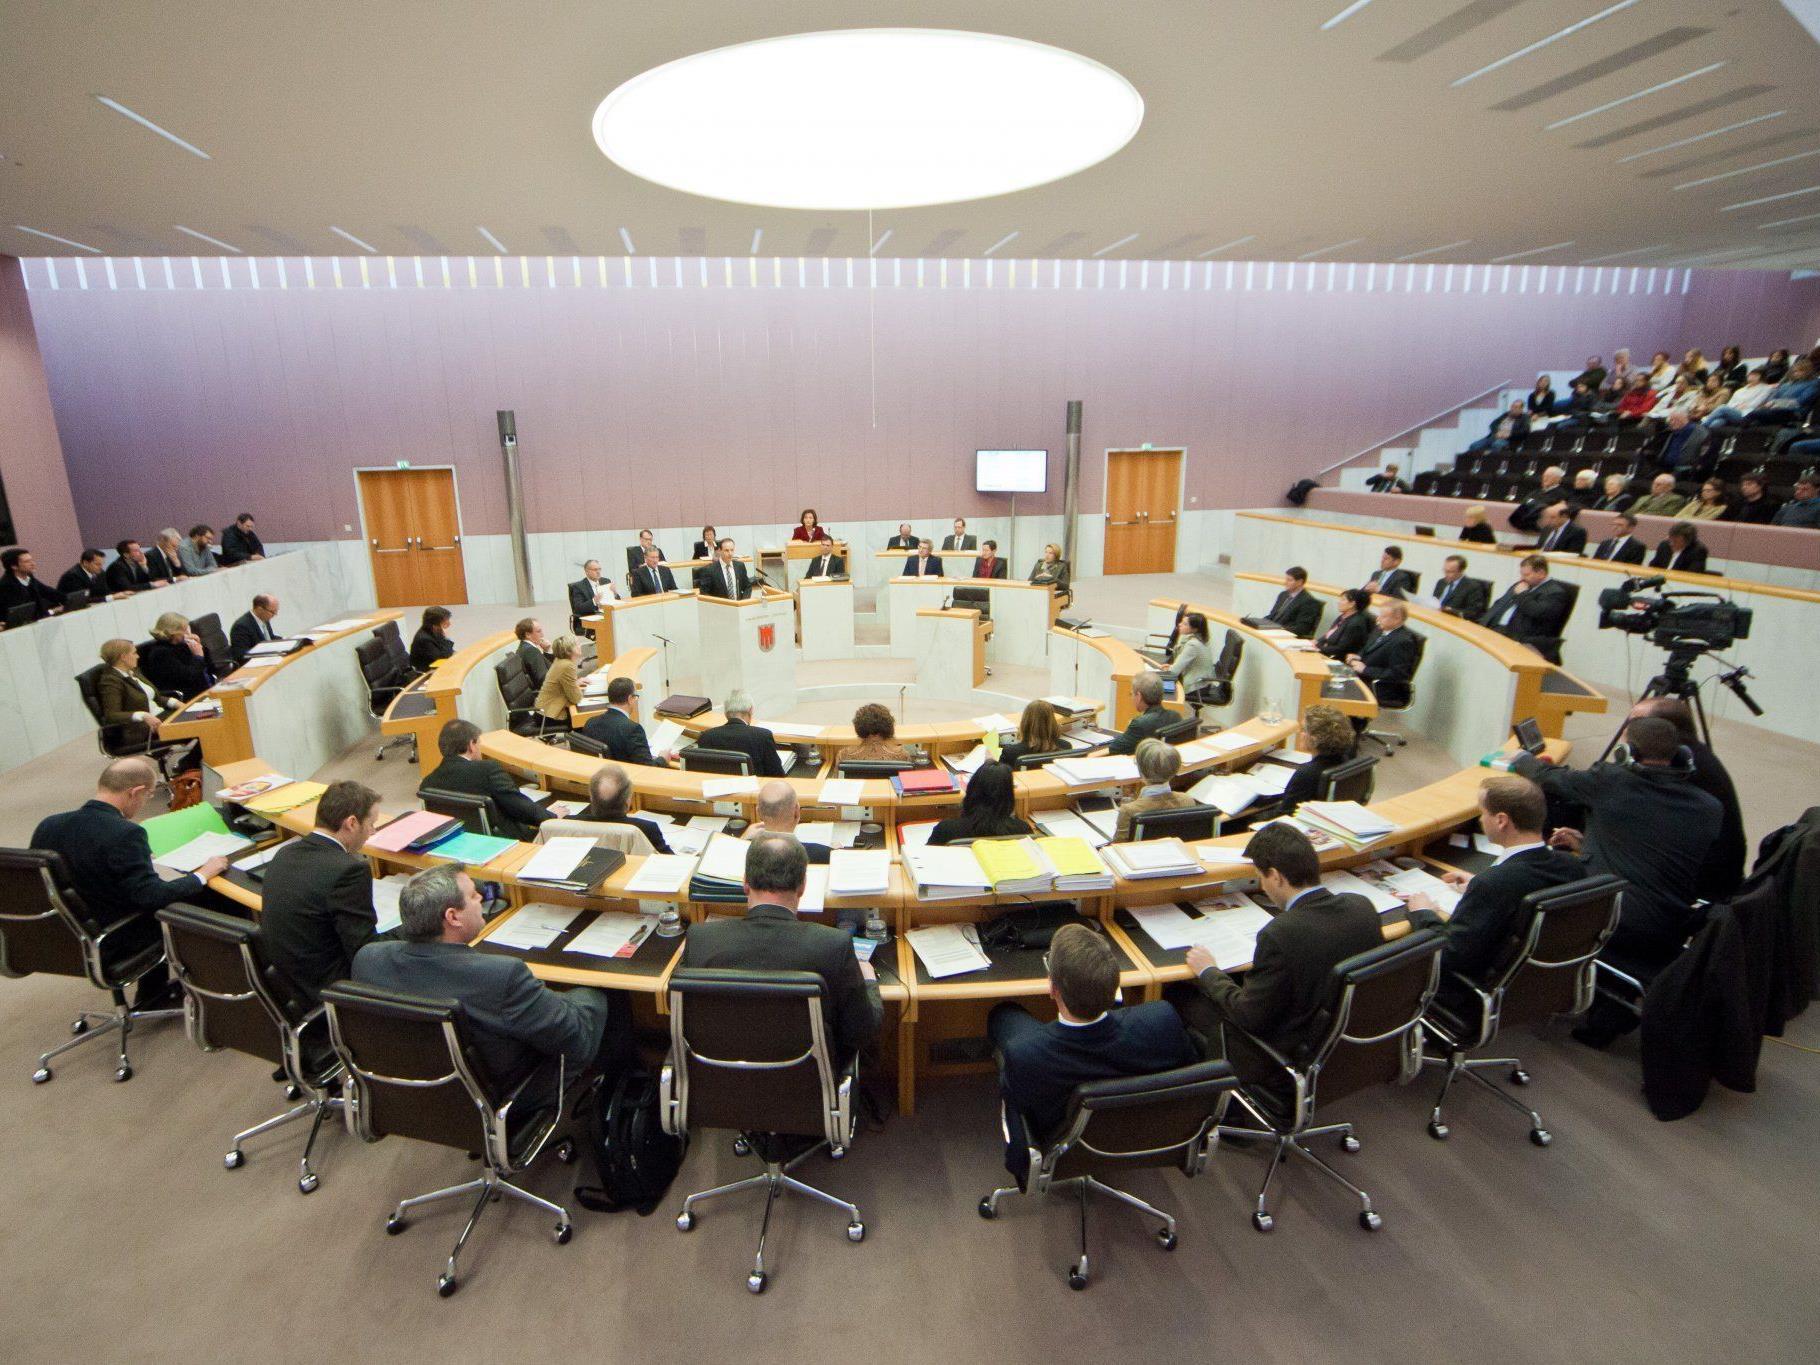 Der Vorarlberger LAndtag könnte schon bald weniger als 36 Abgeordnete haben.